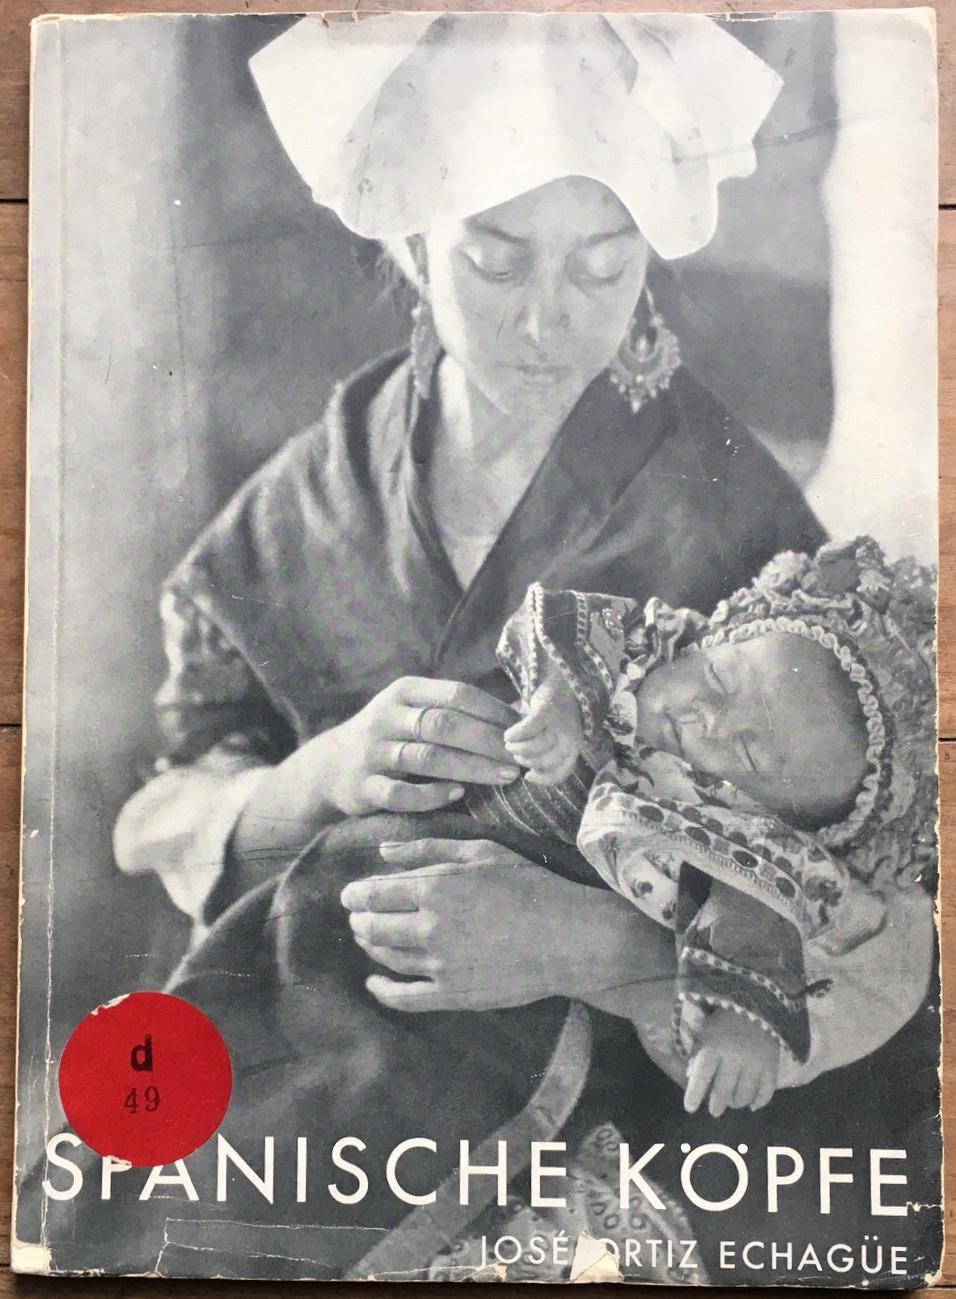 echagüe, josé ortiz  - spanische köpfe. 1929. paperback with dustjacket